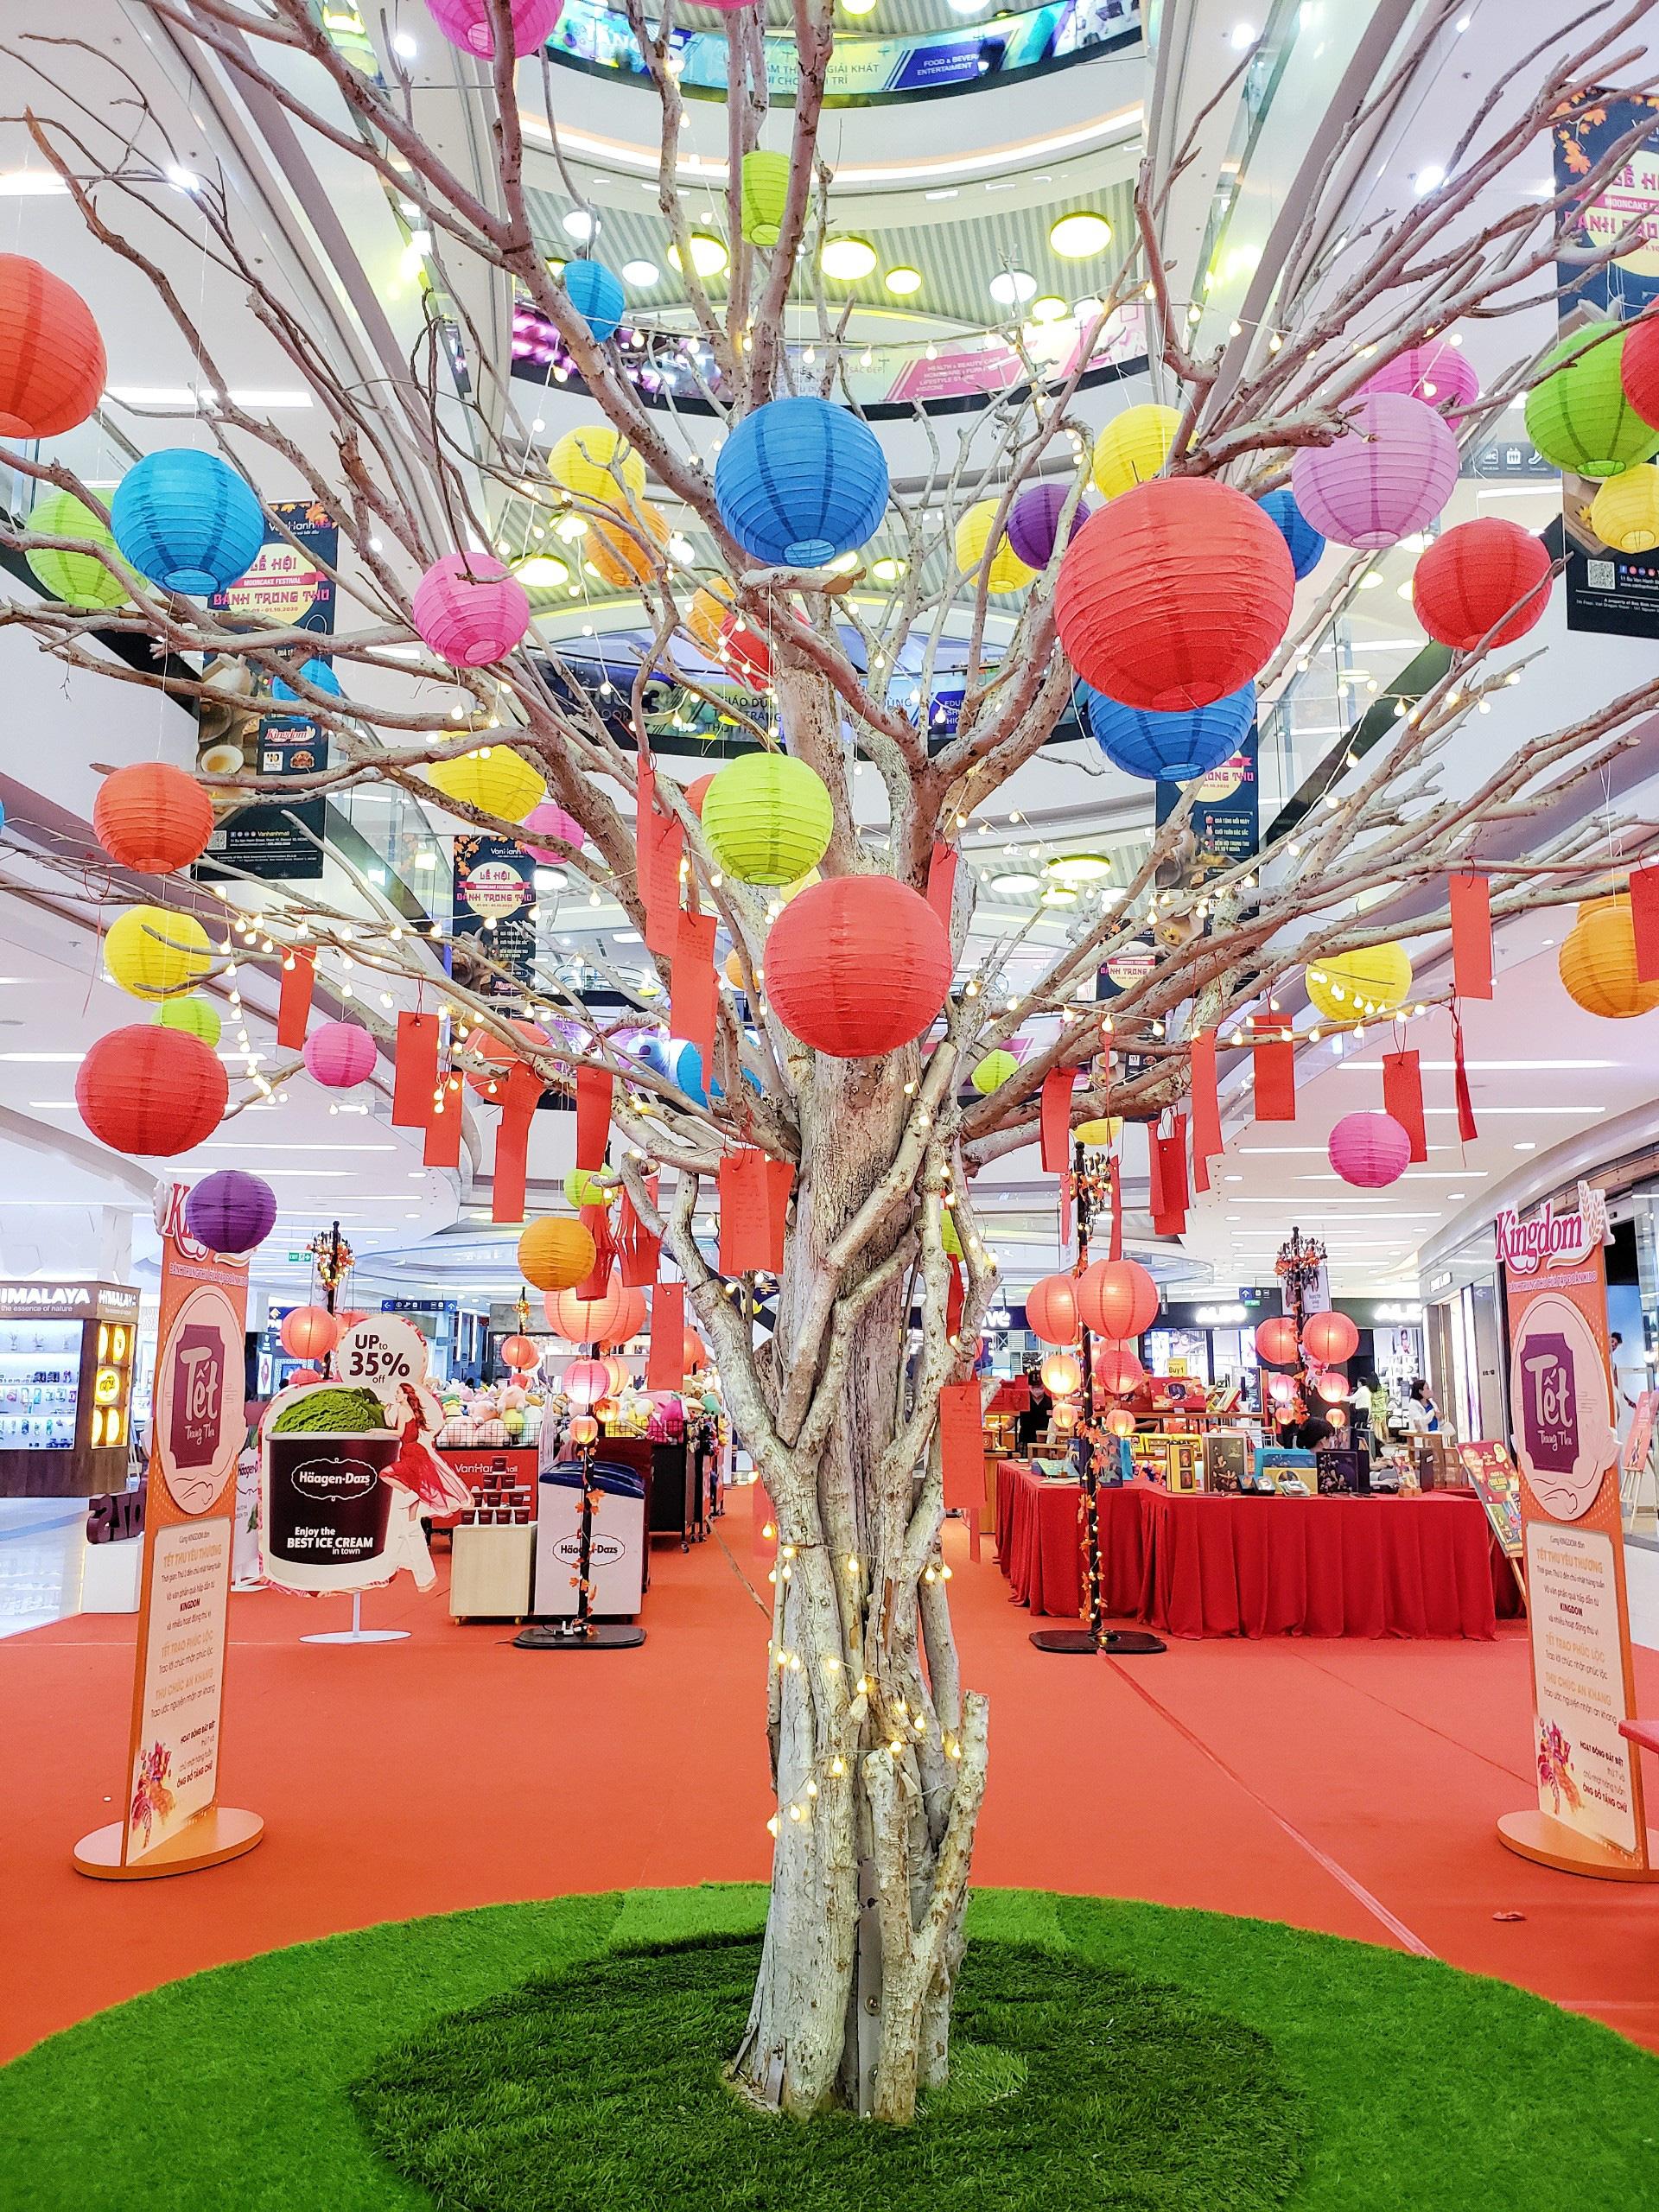 Vui Tết đoàn viên cùng Lễ hội bánh Trung thu tại Vạn Hạnh Mall - Ảnh 5.